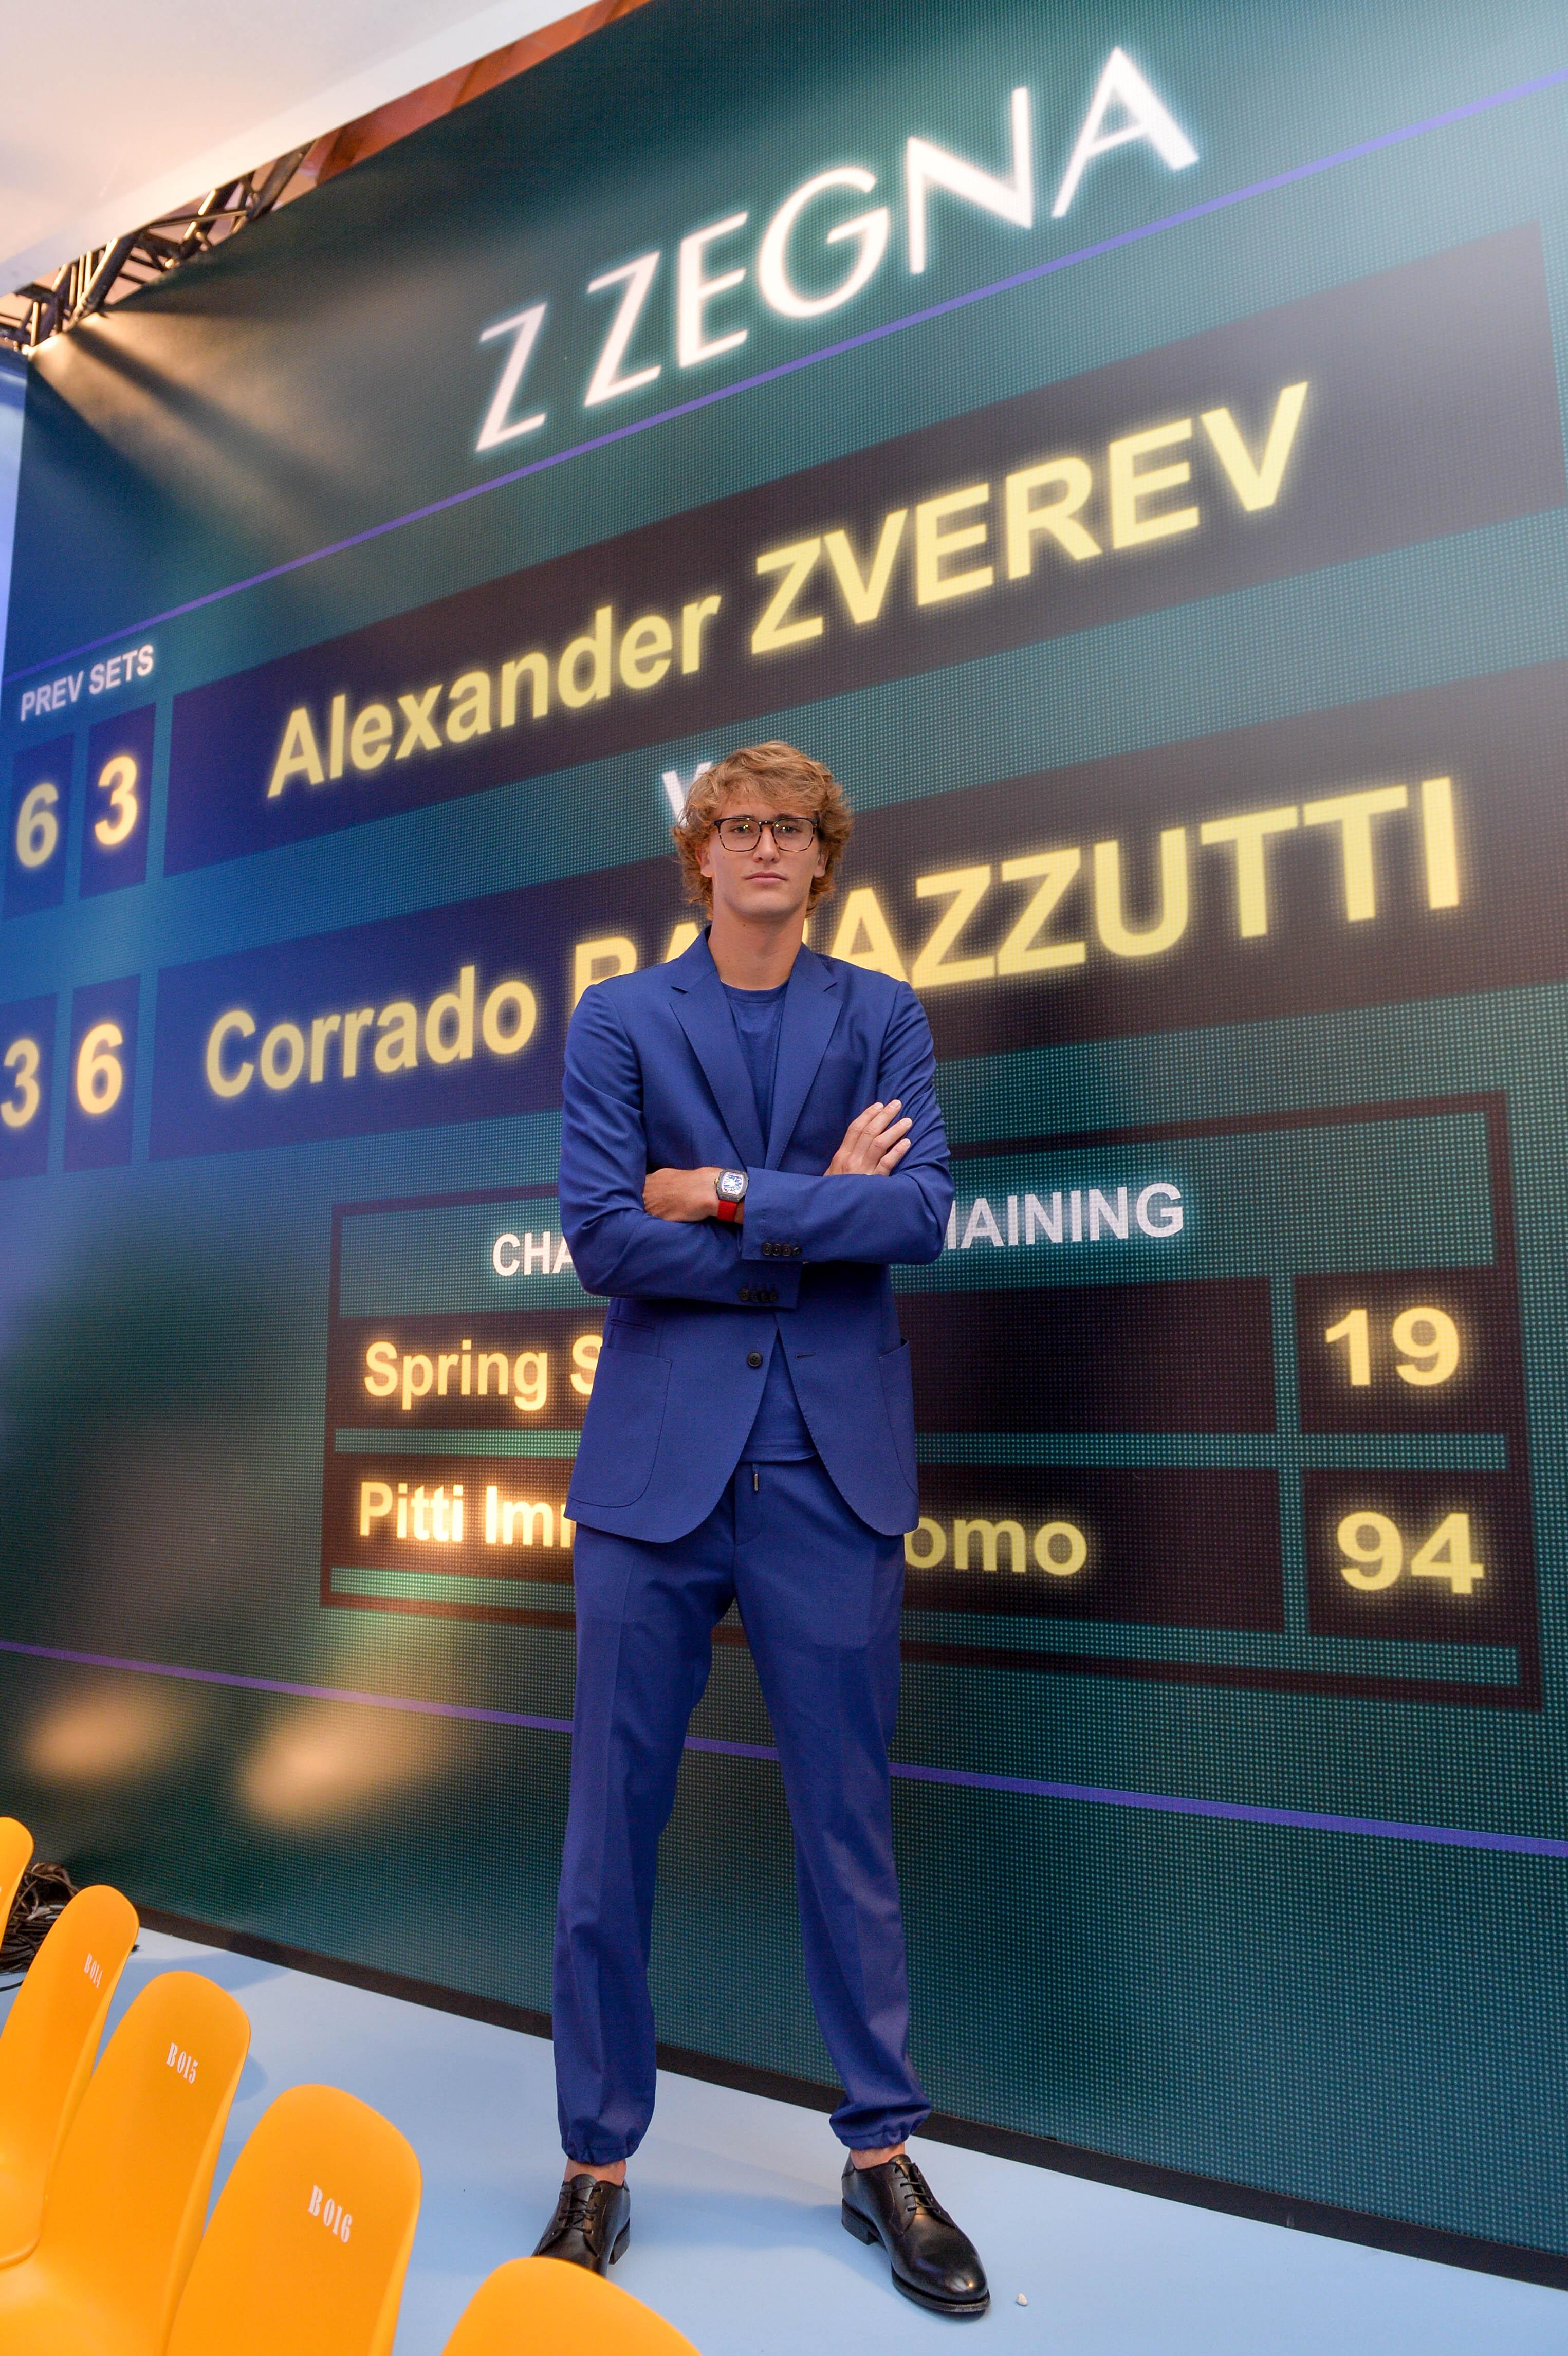 Z ZEGNA, Zegna, Alexander Zverev